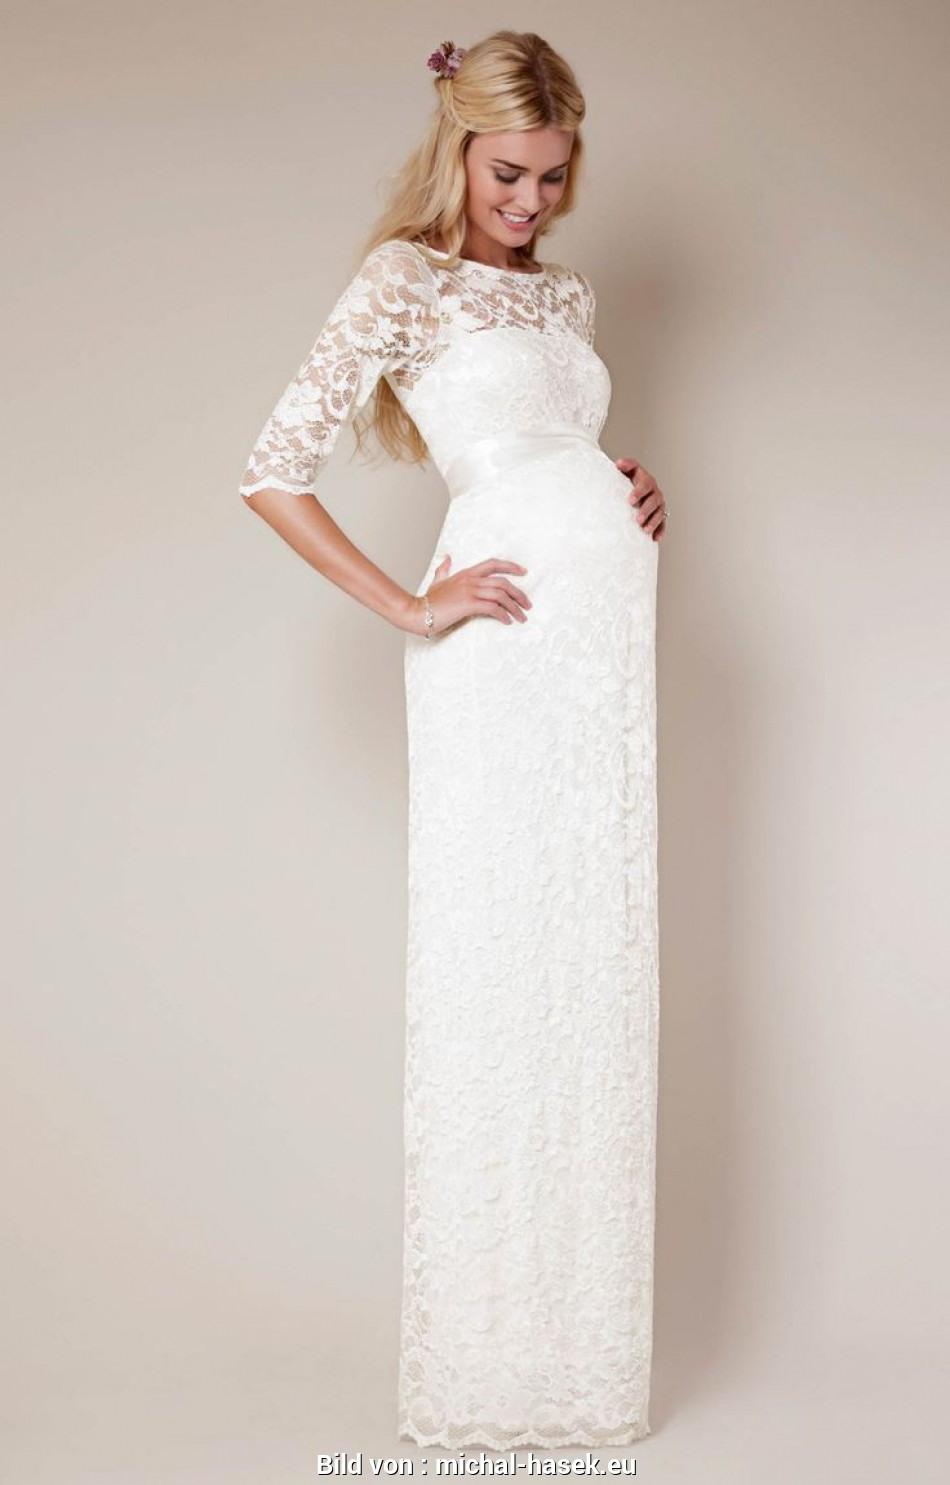 Formal Großartig Abendkleid Für Schwangere Design15 Luxus Abendkleid Für Schwangere Bester Preis